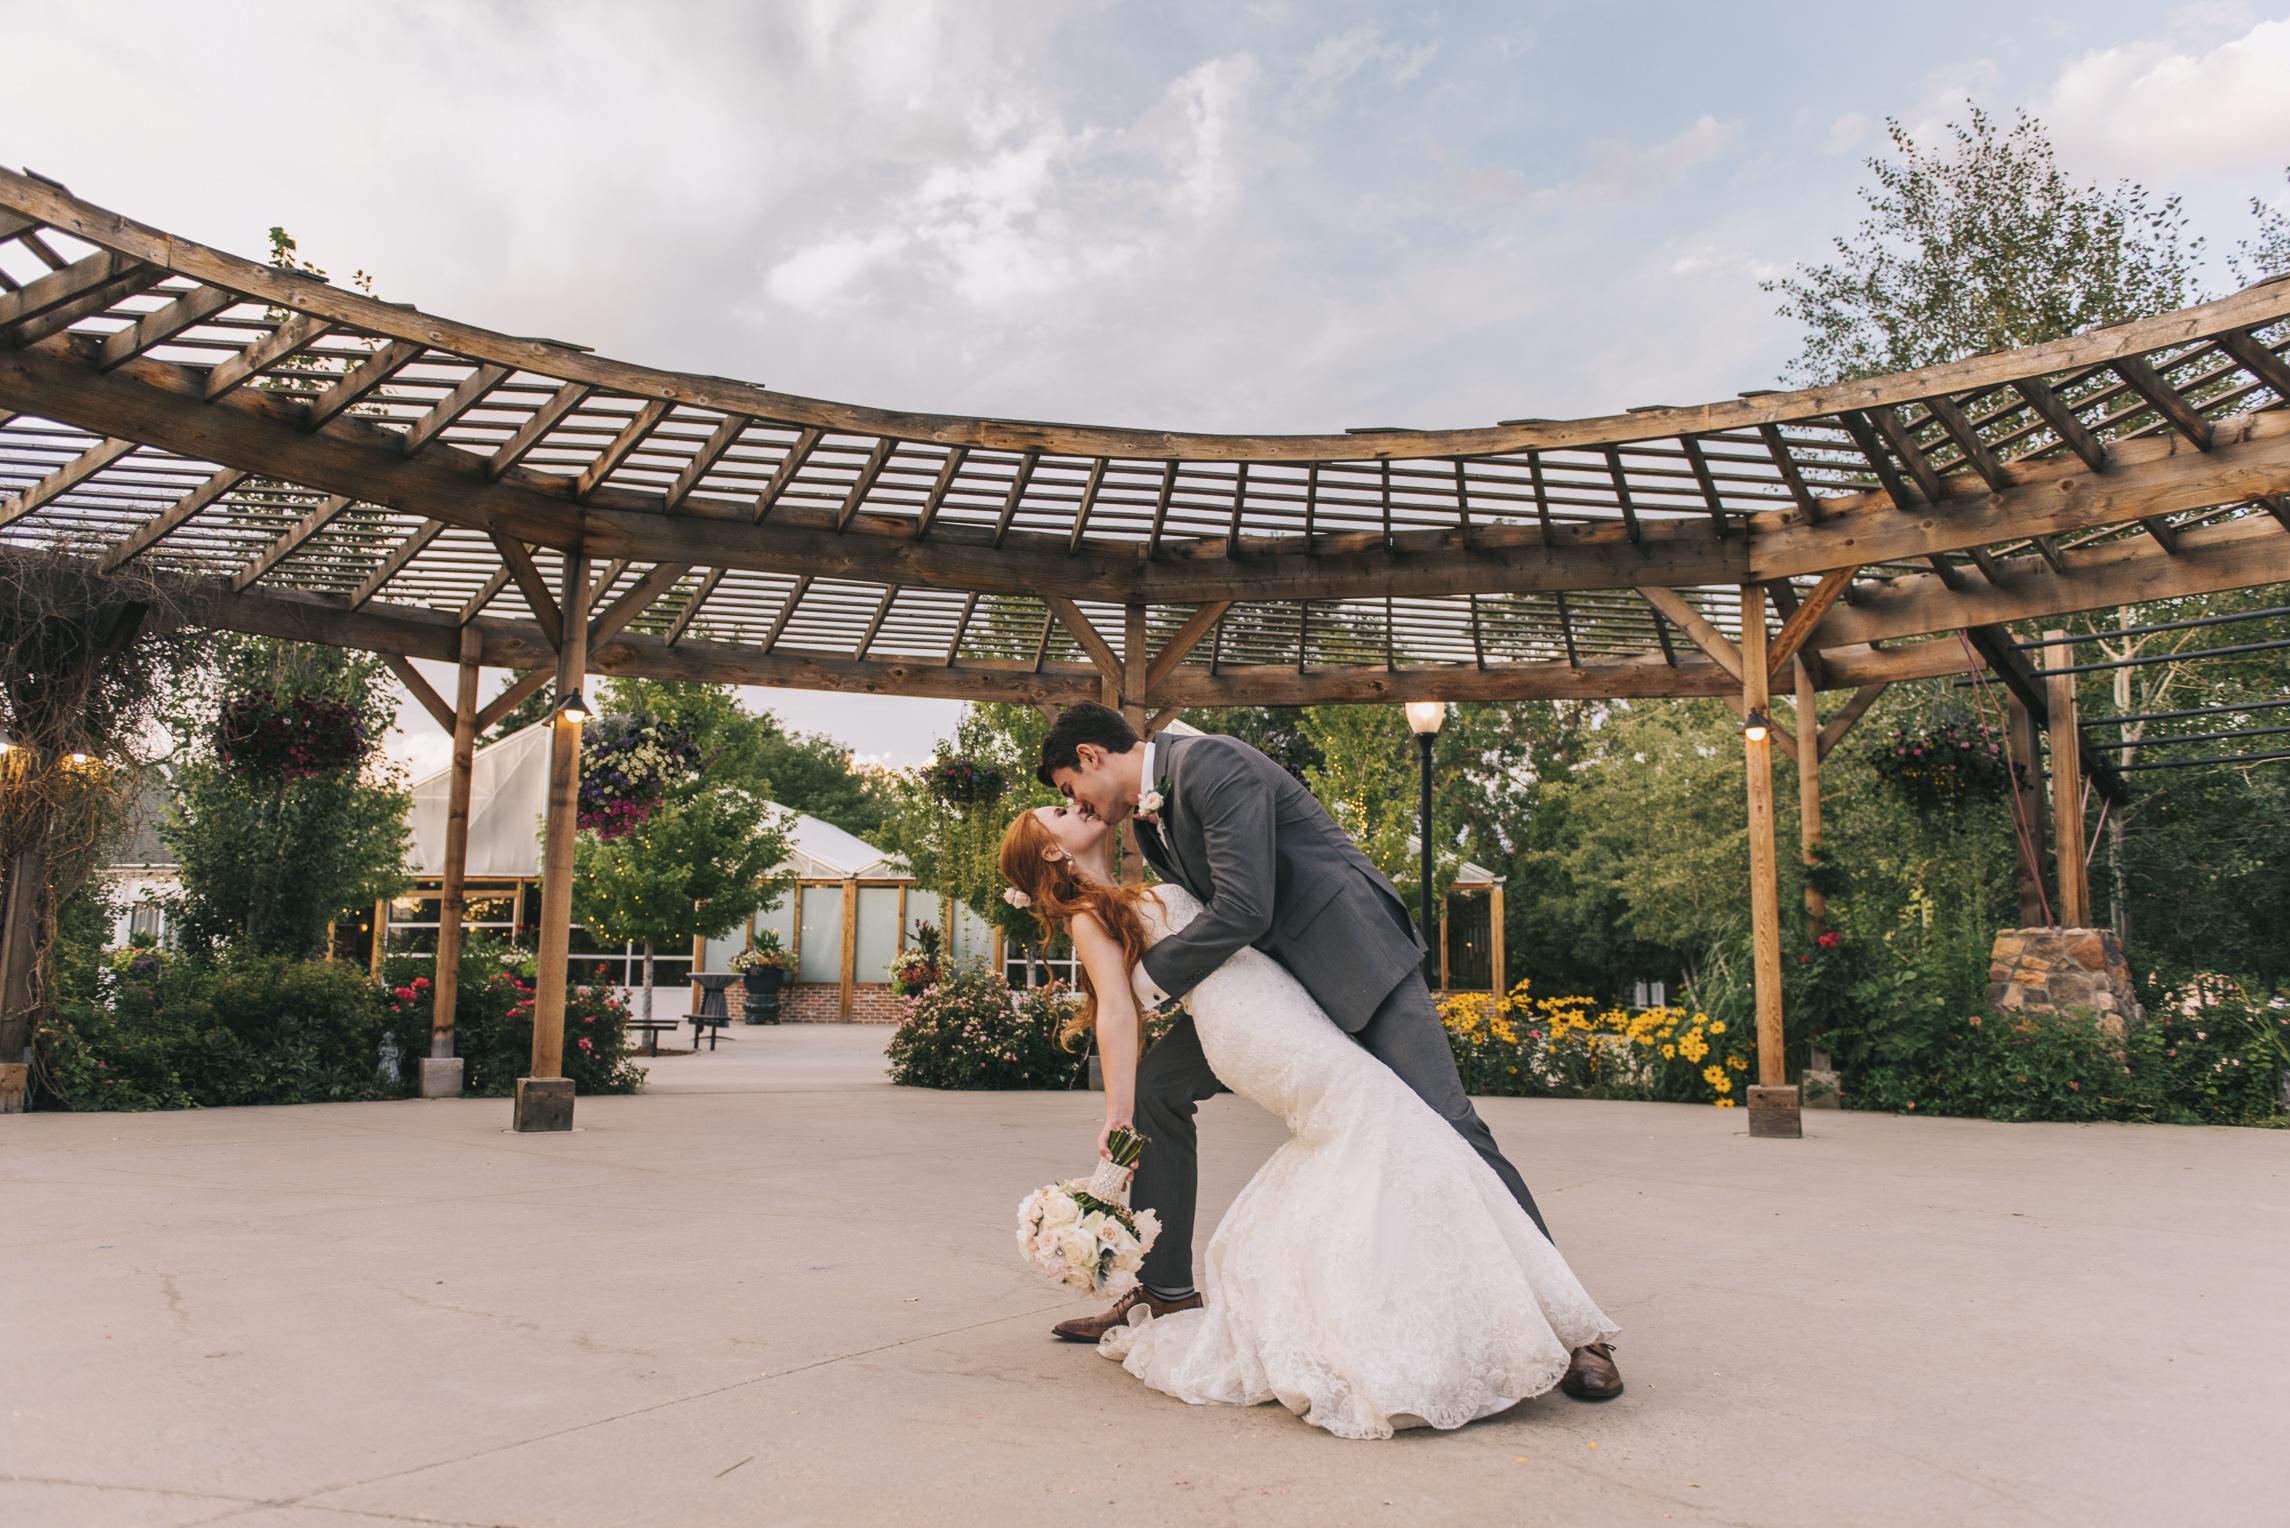 web sized images -- no to print --CALVIN & MCKYLEY WEDDING PHOTOS - COLORADO PHOTOGRAPHER - DEBI RAE PHOTOGRAPHY-3006.jpg